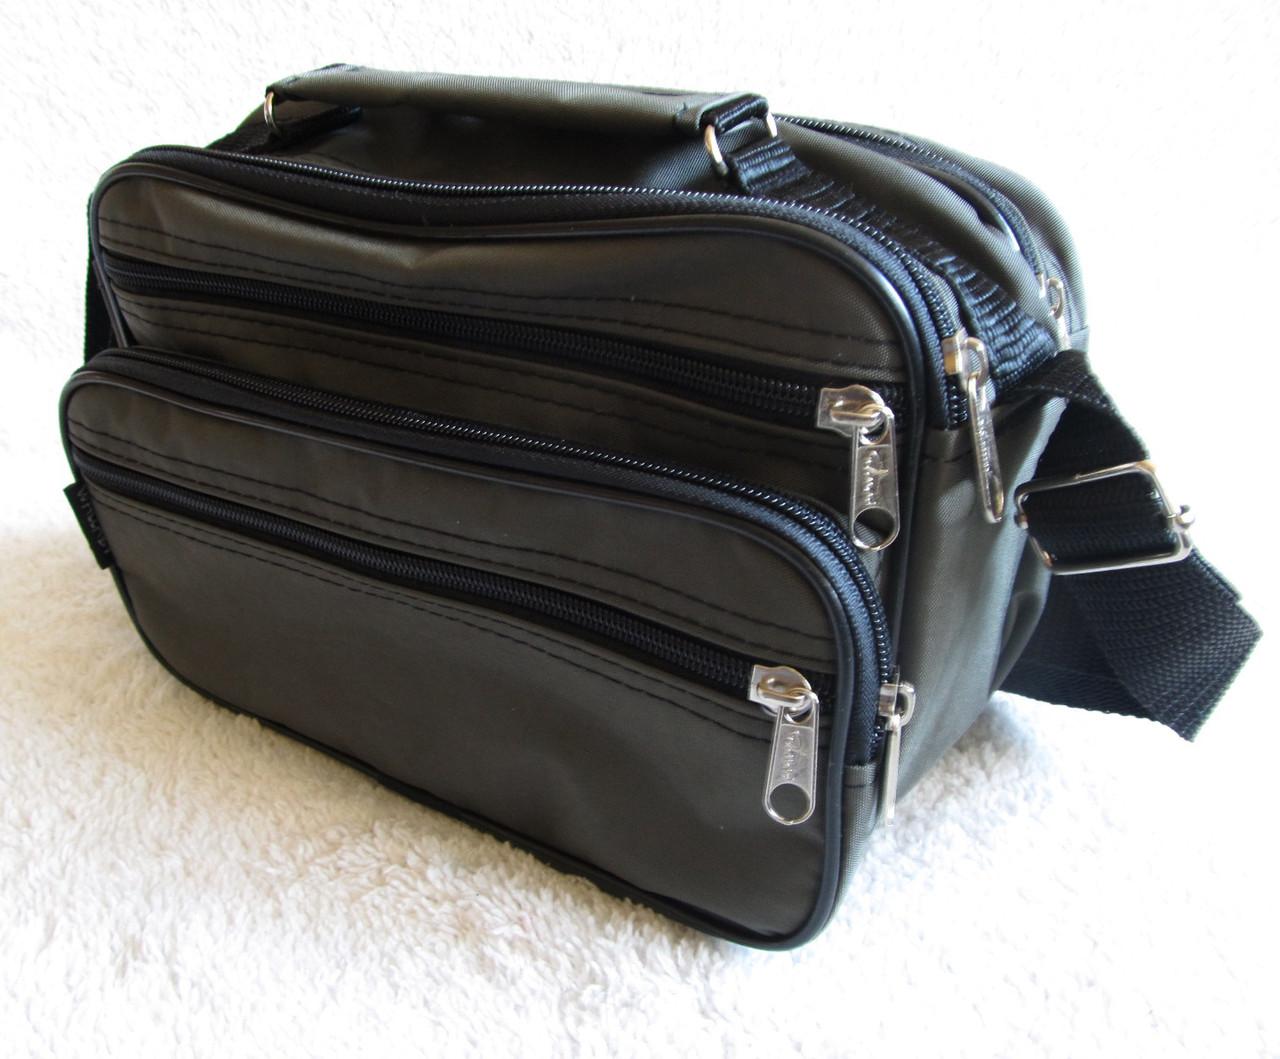 Мужская сумка через плечо прочная барсетка 8w2123 хаки 24х16х13см